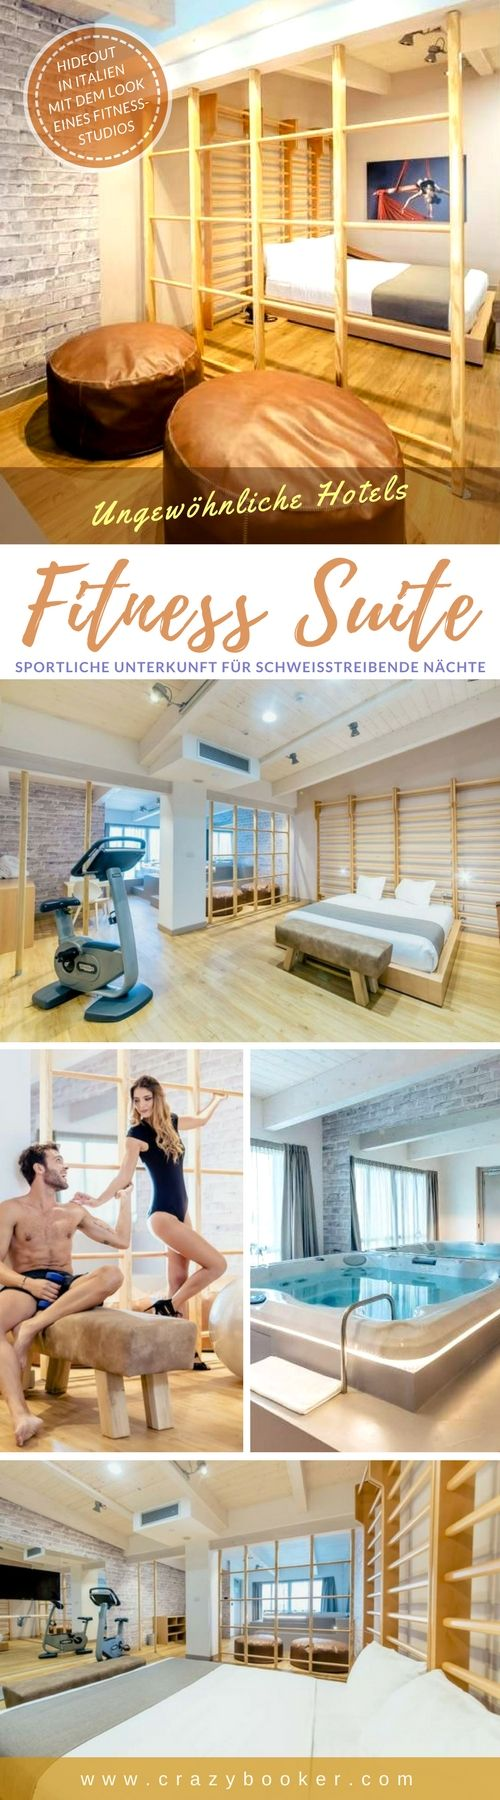 Fitness-Suite in #Italien   Sportliches Hotelzimmer (schallgedämpft) mit Sprossenwand, Hometrainer, Barren, Stangen, Gymnastikball, Pauschpferd und Turnmatte und -bank für schweißtreibende Nächte   In diesem einzigartigen Liebesnest kommt Bewegung in jede Beziehung. Nach dem Trainings-Auftakt und erfolgreicher Kür sorgt ein Whirlpool für verdiente Entspannung   #gym #fitness #studio #hotel #liebesnest #sport